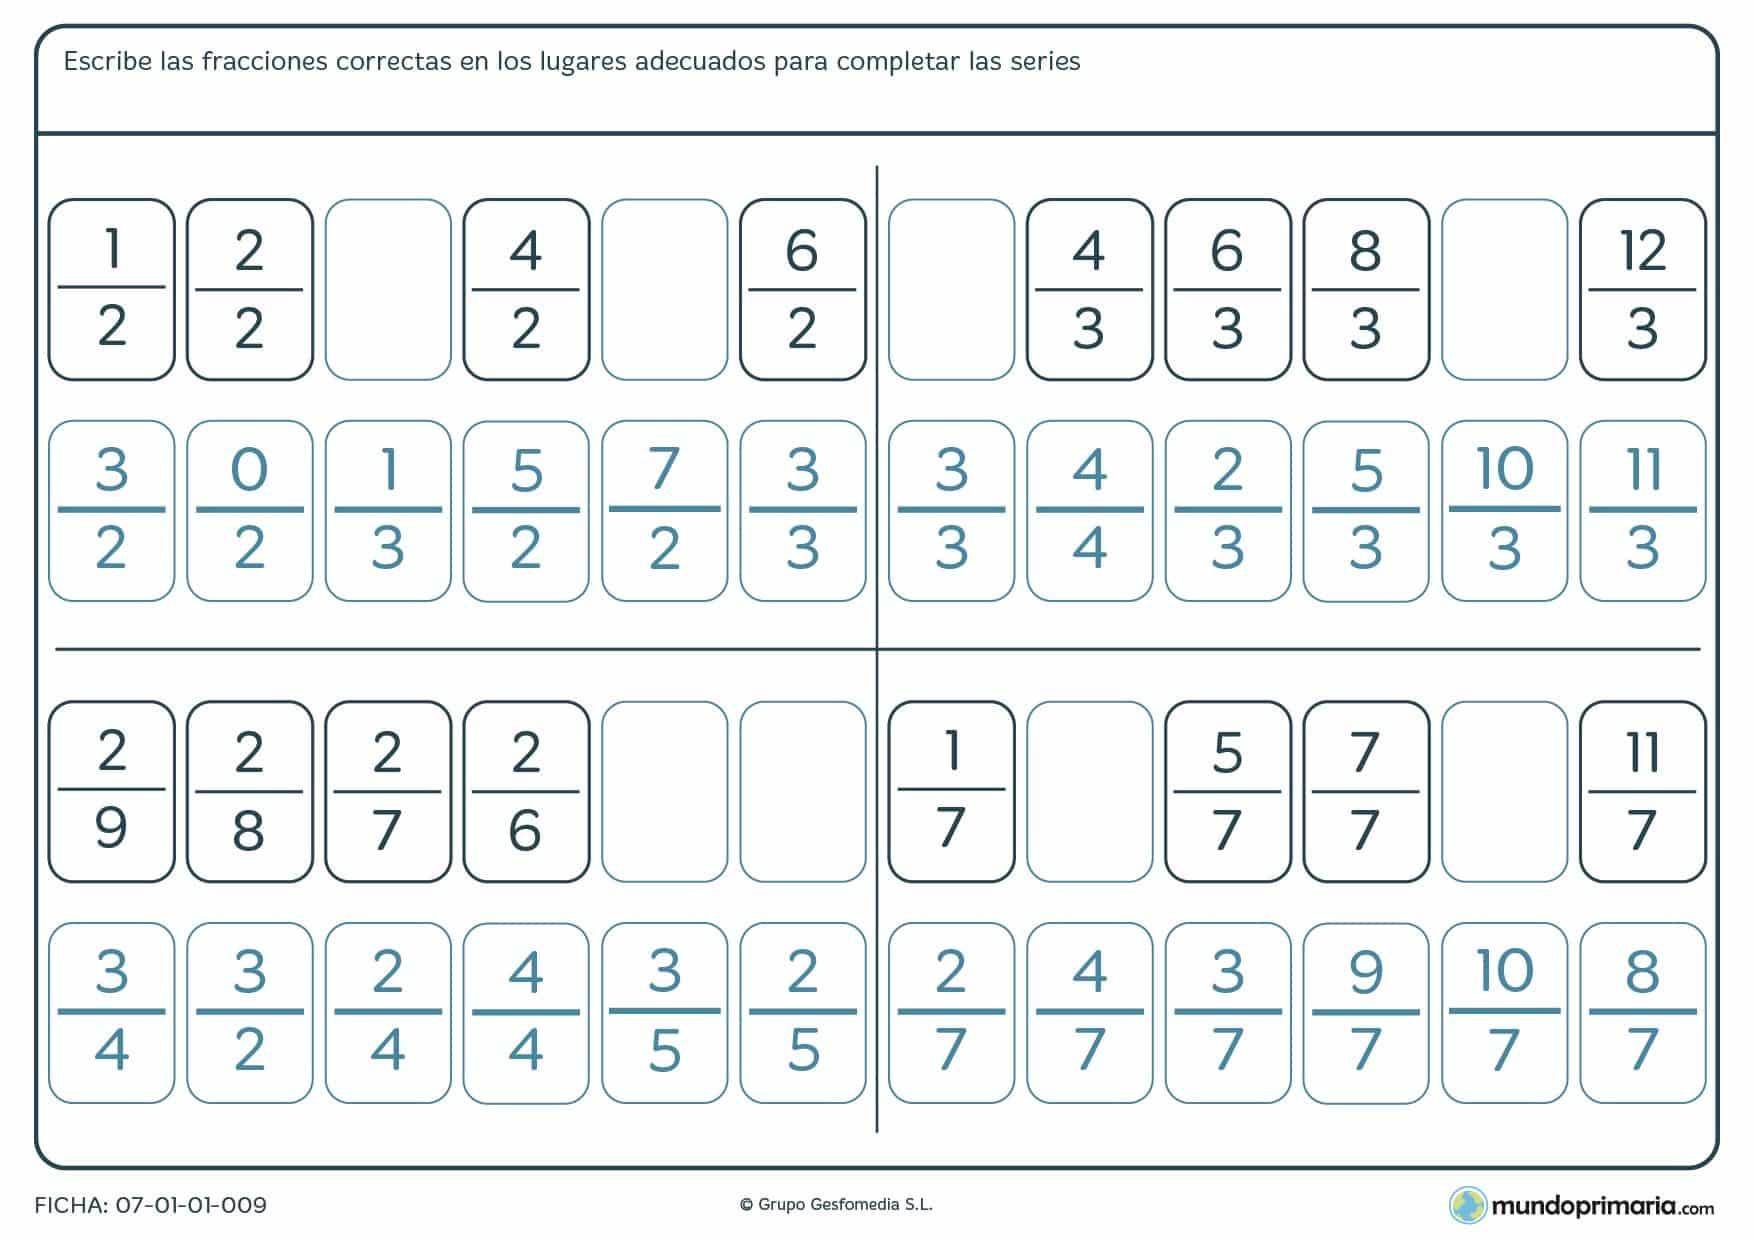 Ficha de series de fracciones para completar las que faltan siguiendo un orden lógico.